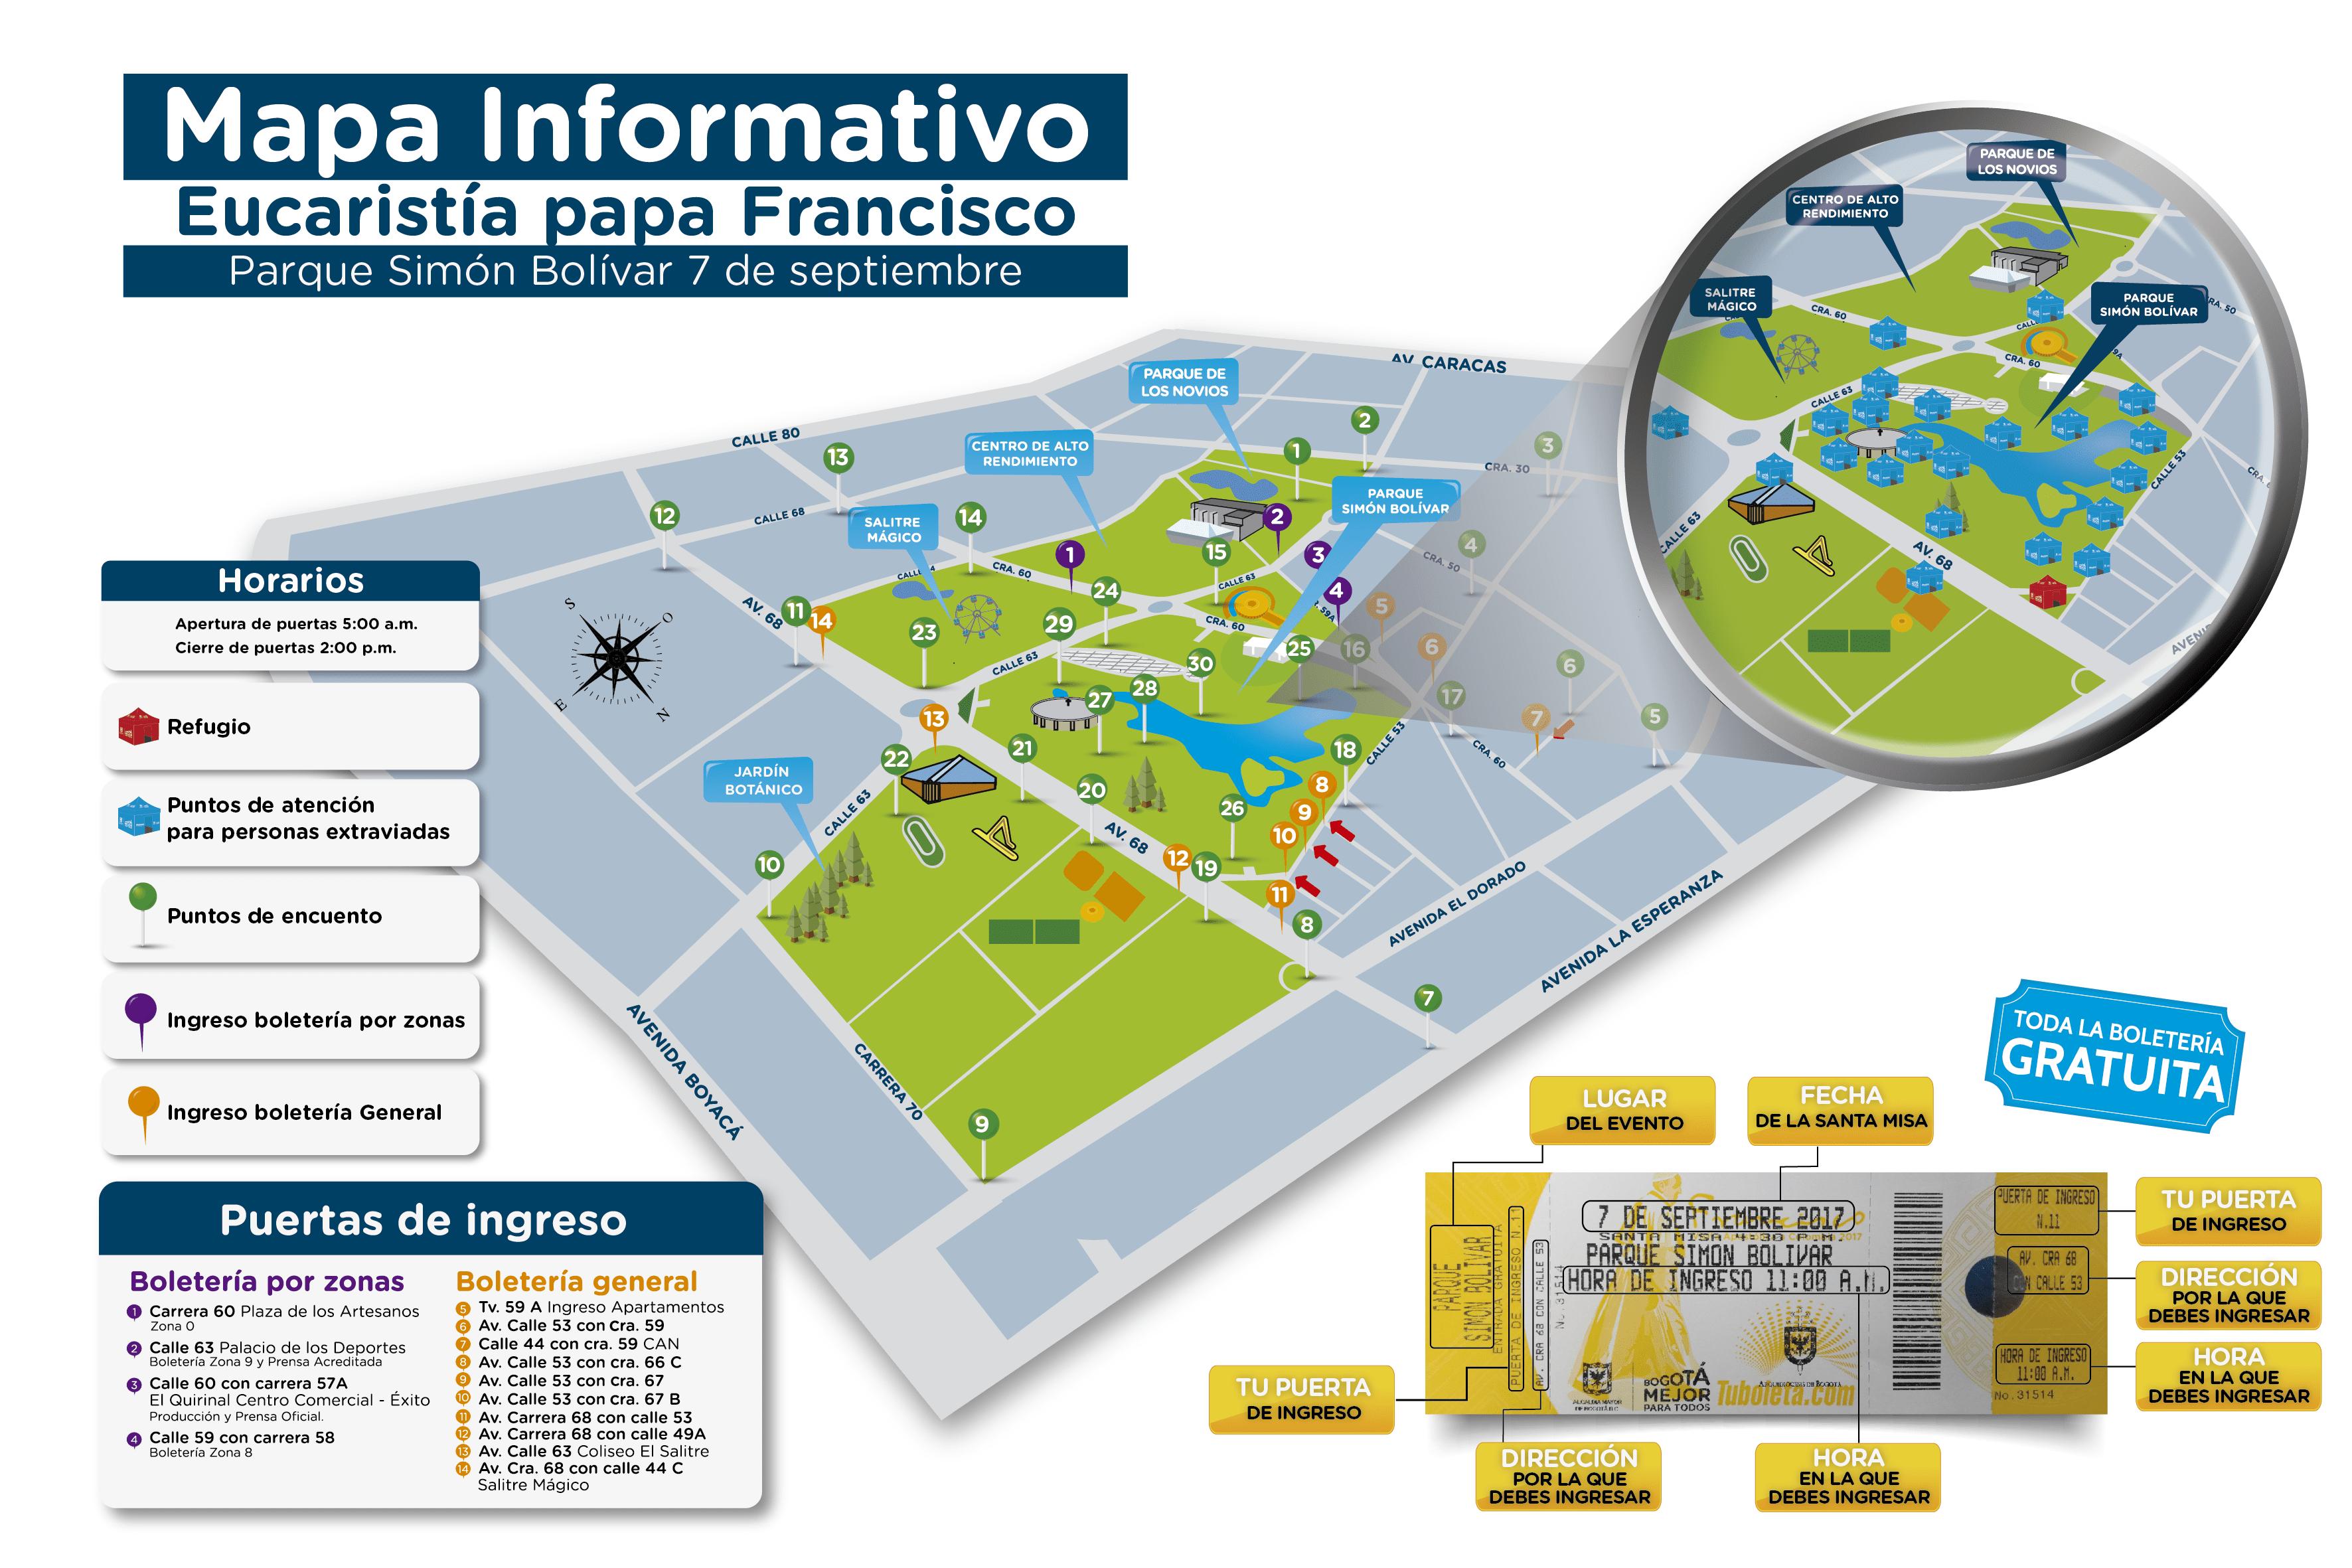 Mapa del Simón Bolívar y acceso a la Misa del Papa Francisco